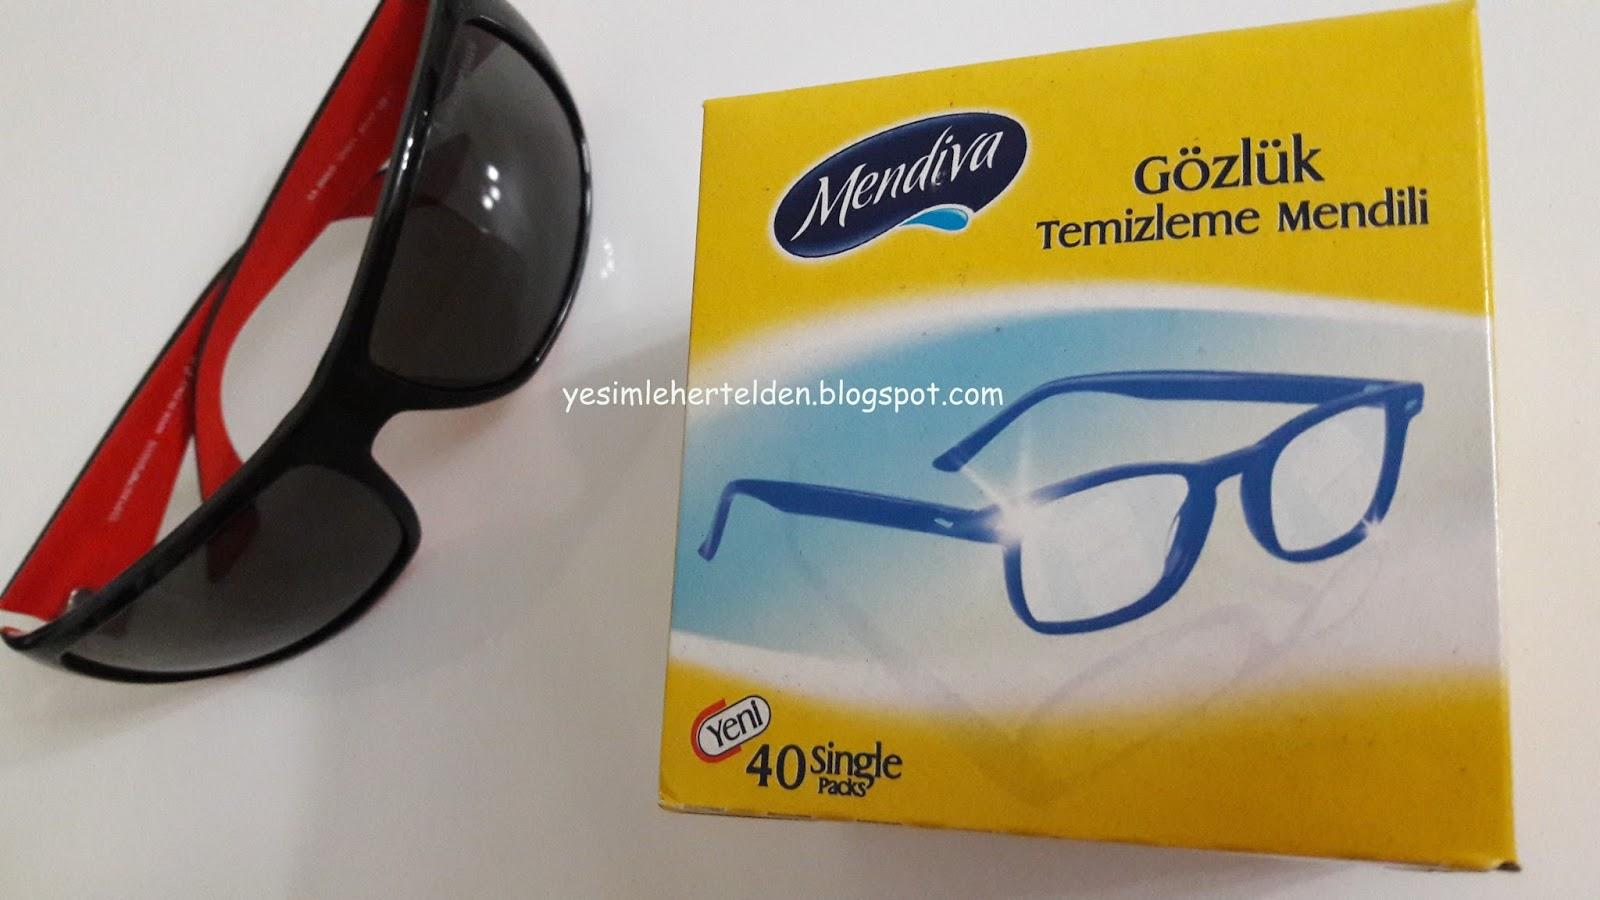 Gözlük Bezi Nasıl Temizlenir